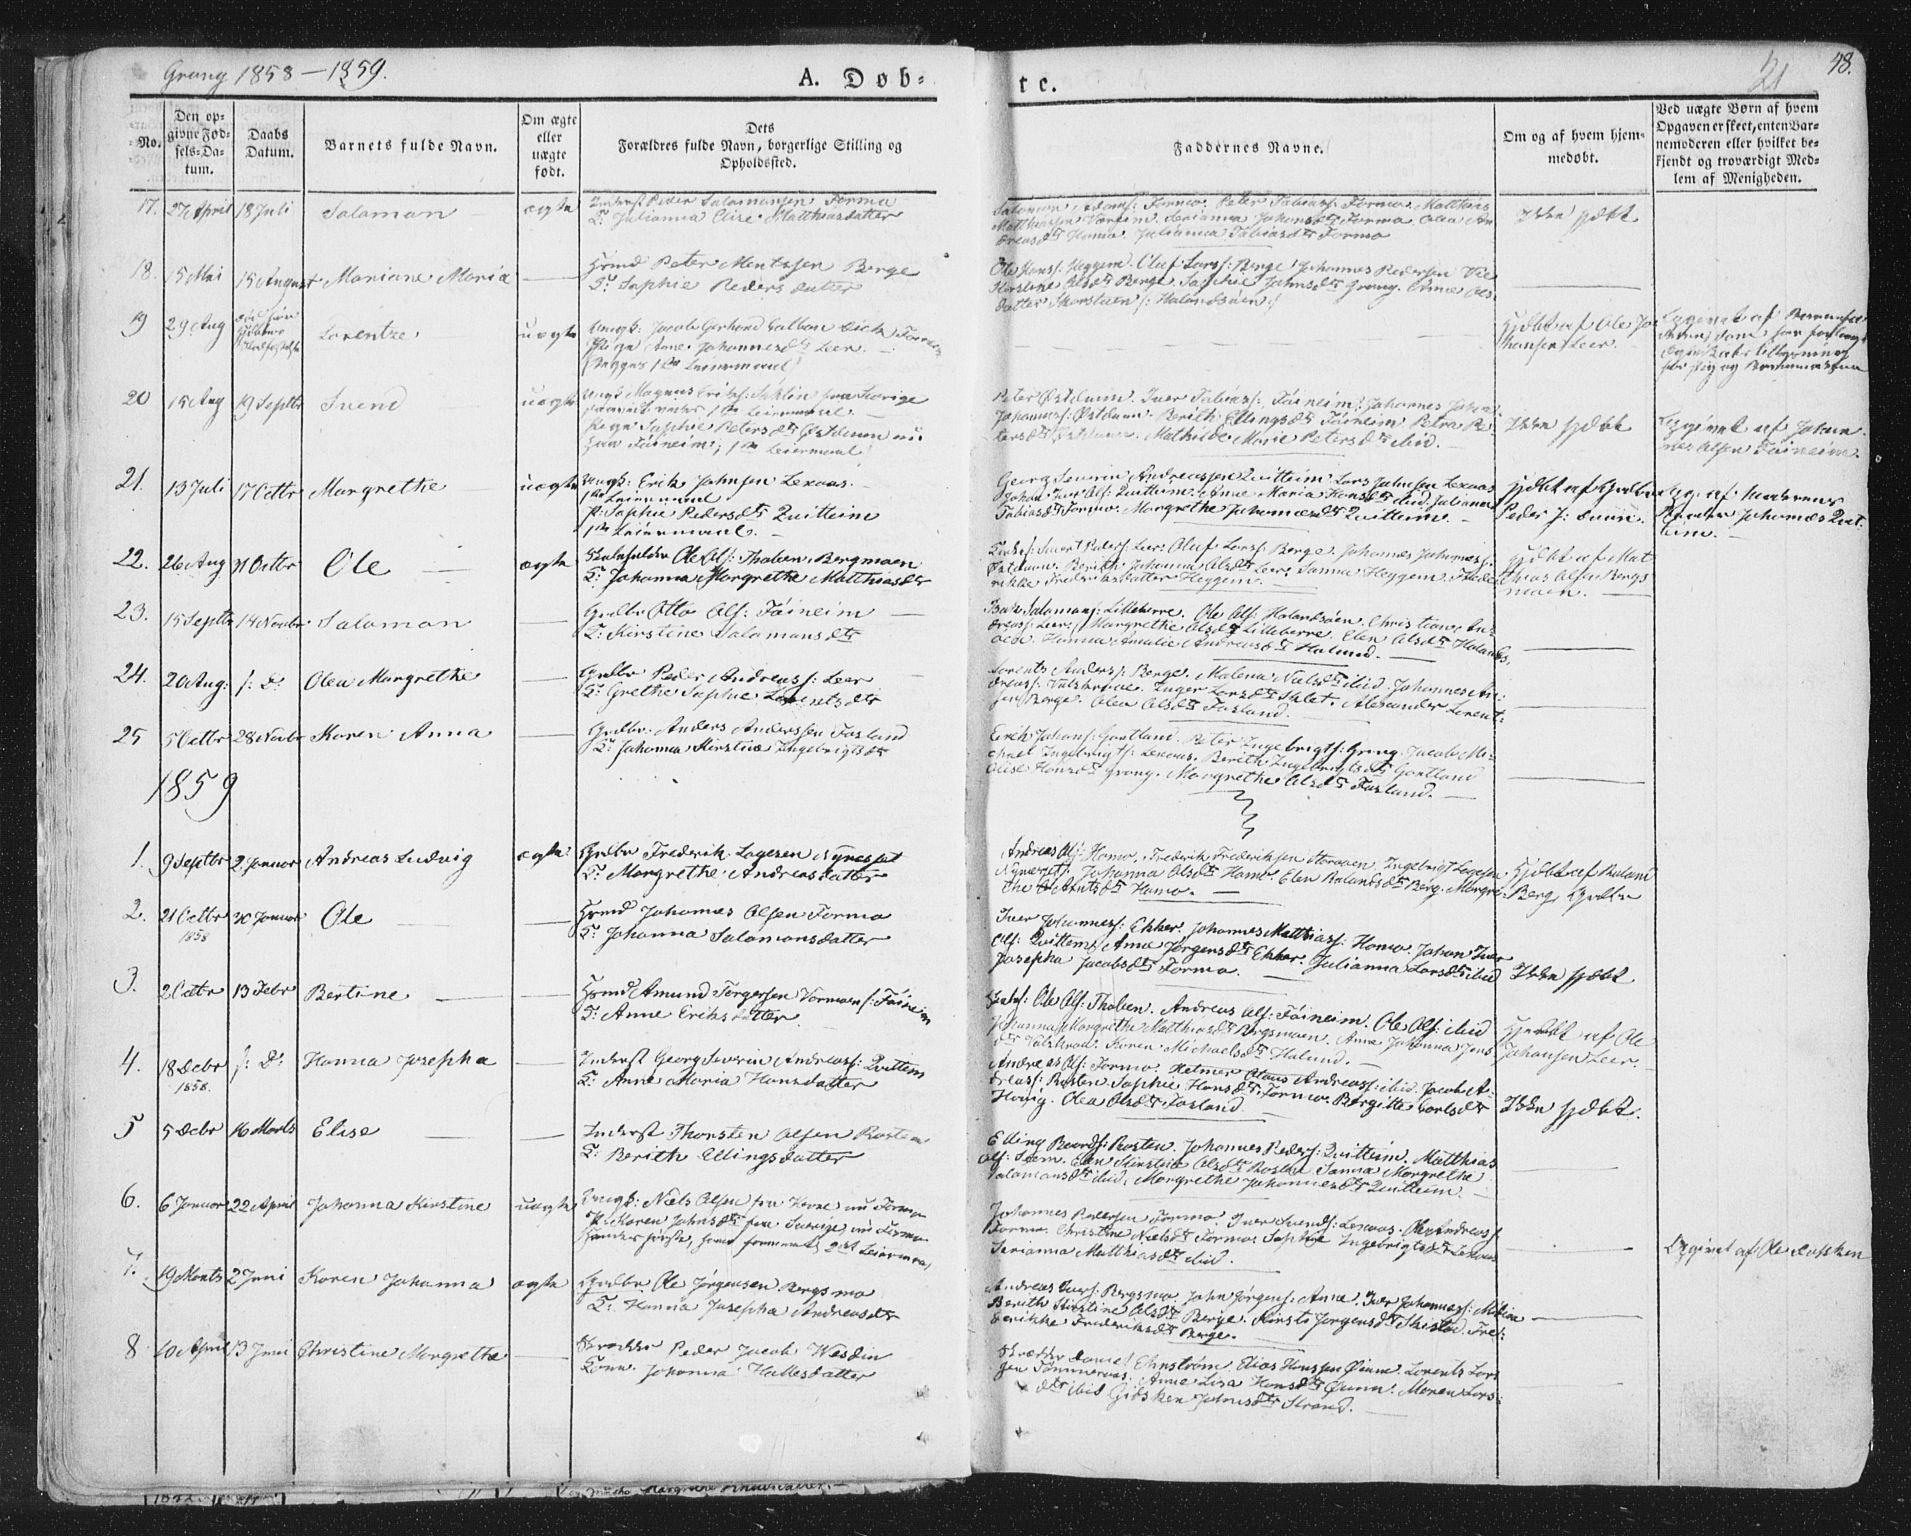 SAT, Ministerialprotokoller, klokkerbøker og fødselsregistre - Nord-Trøndelag, 758/L0513: Ministerialbok nr. 758A02 /1, 1839-1868, s. 21